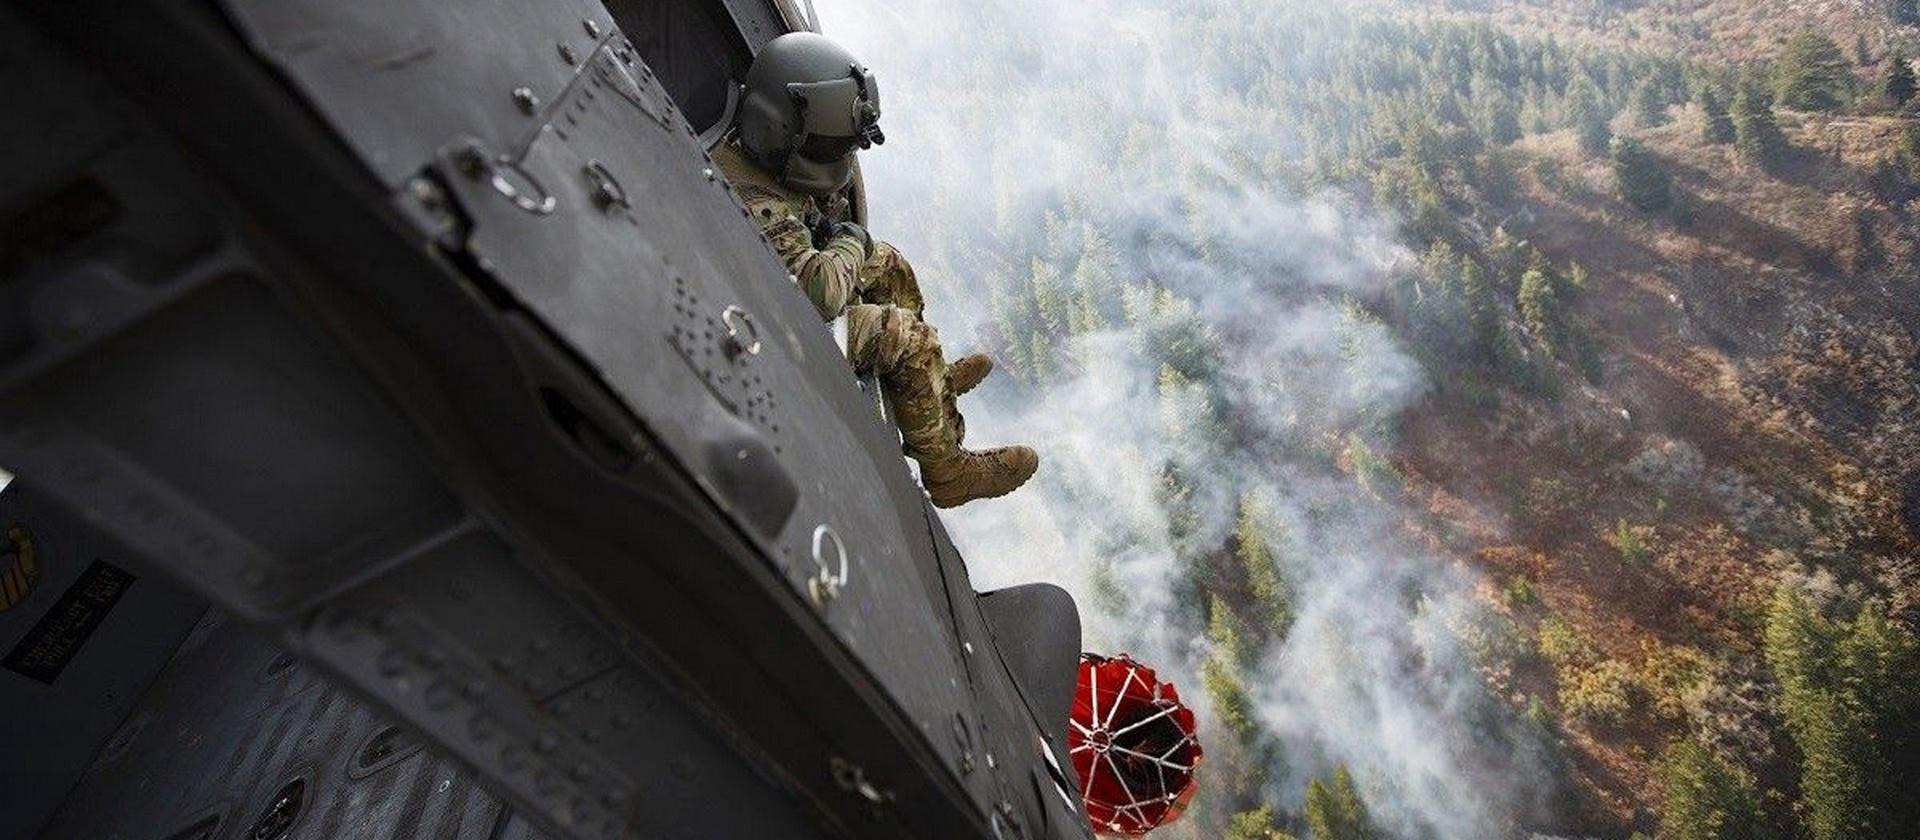 Армия киборгов Пентагона